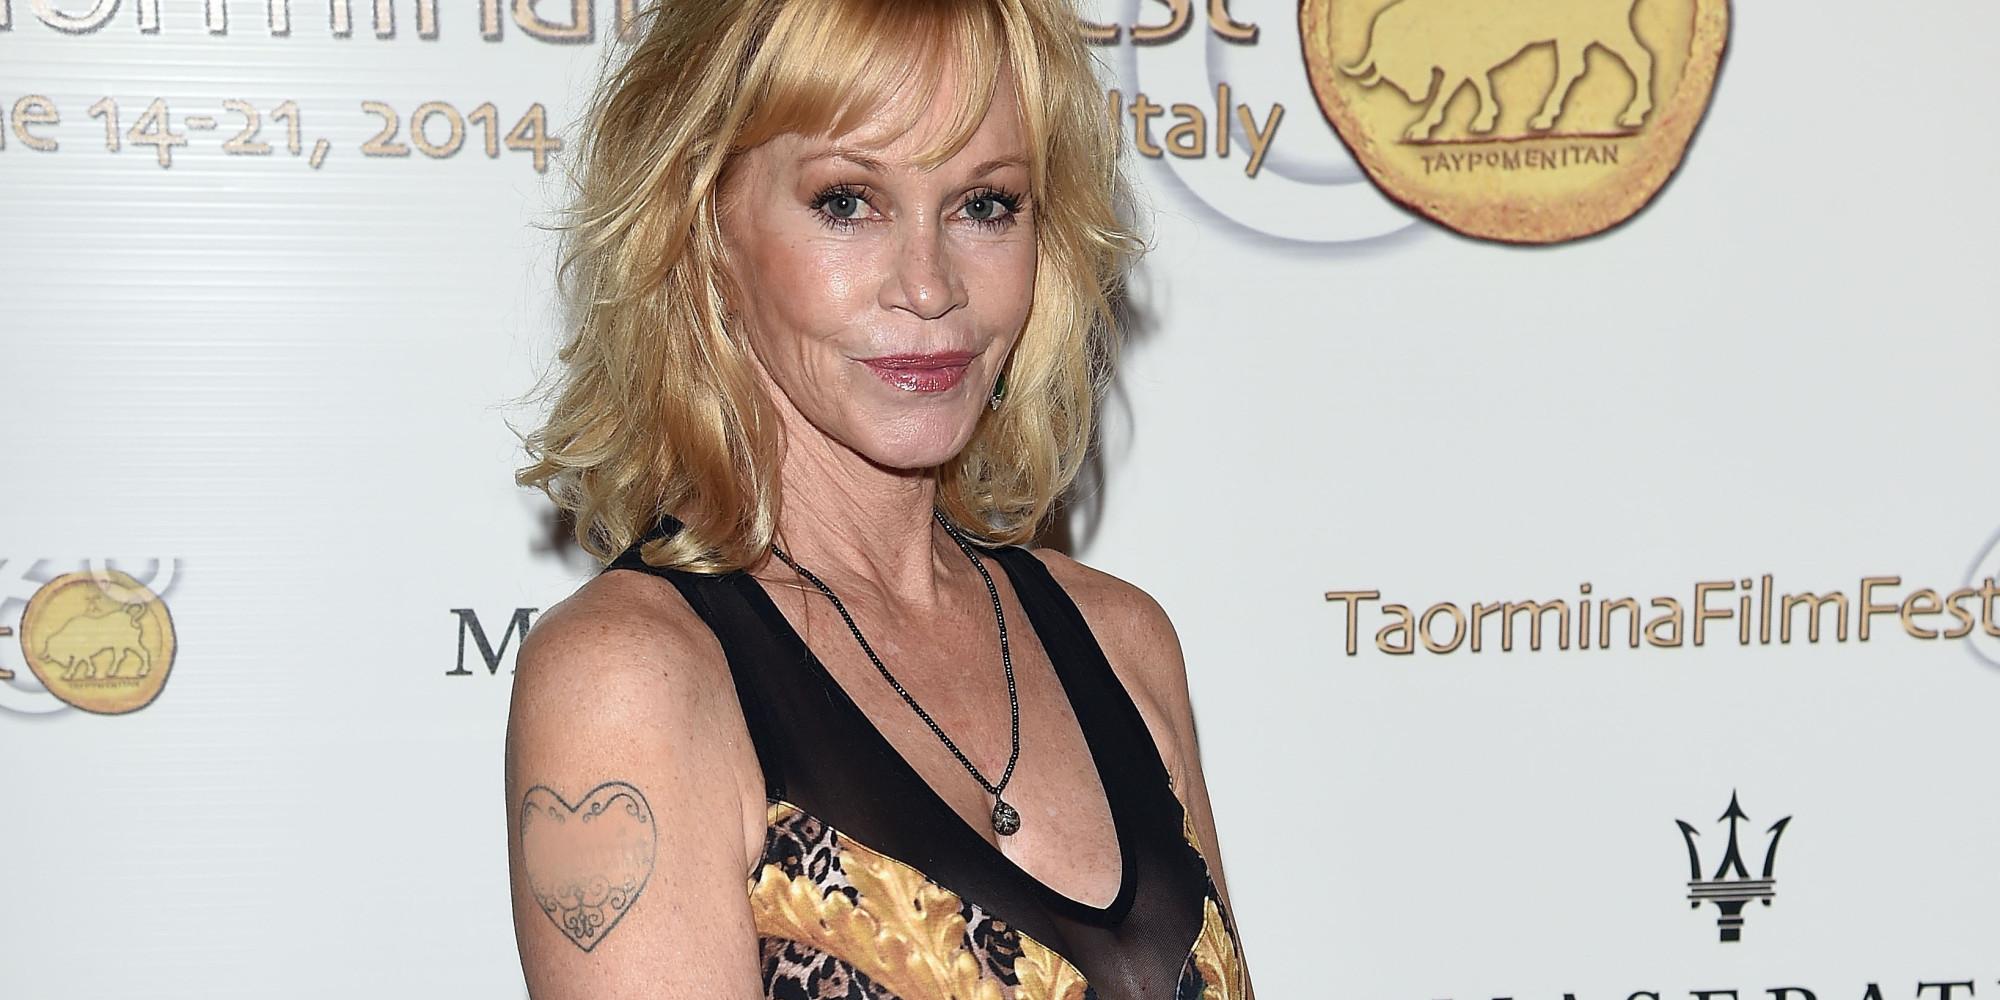 Melanie griffith covers antonio banderas tattoo following for Melanie griffith tattoo